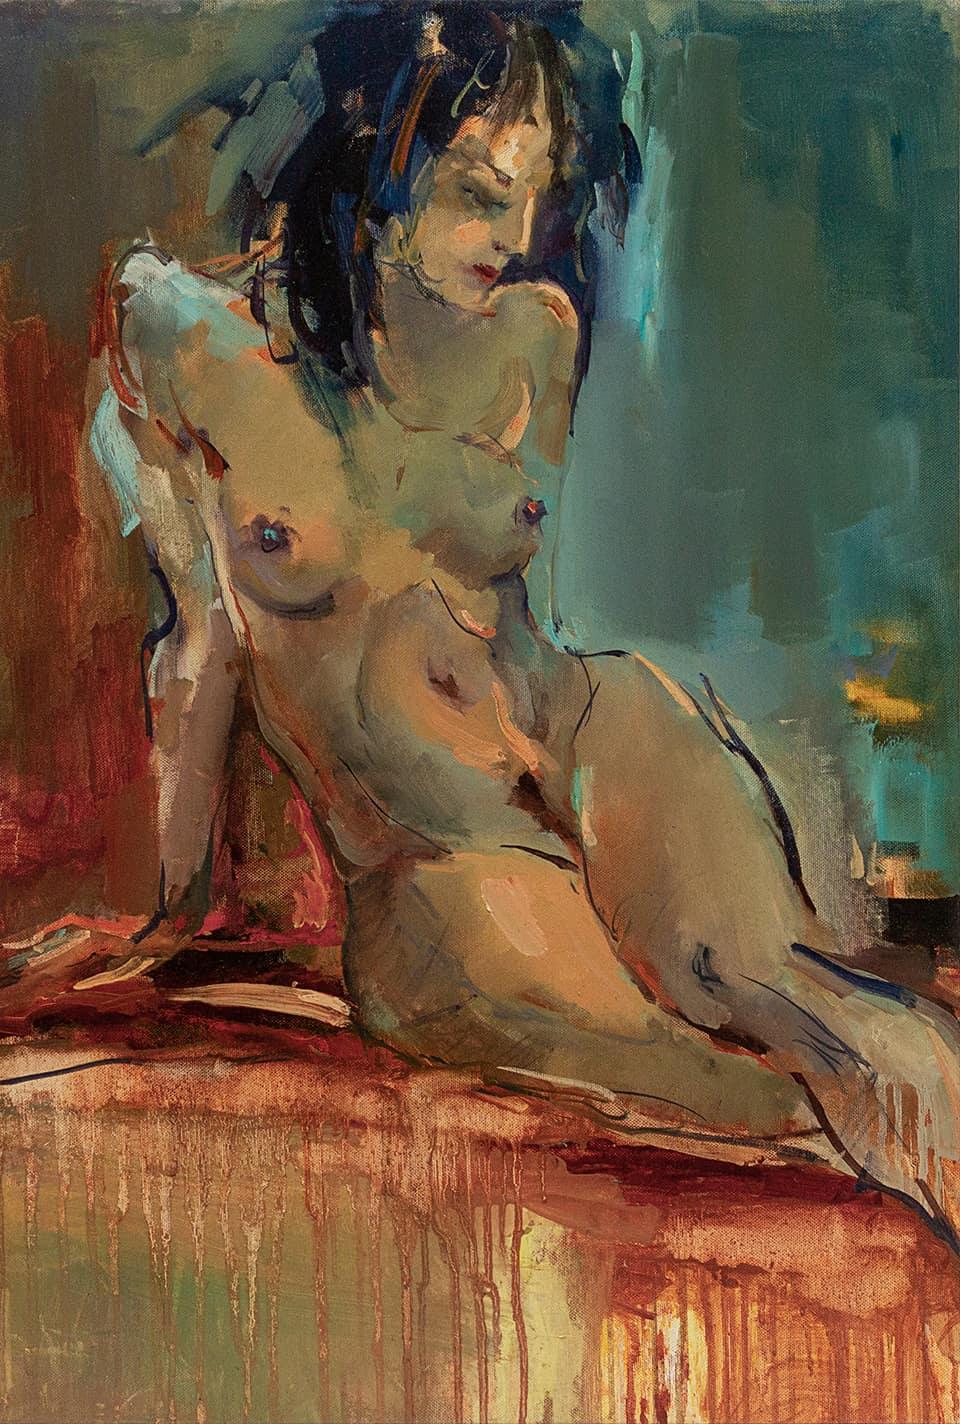 фигура женщины написана маслом